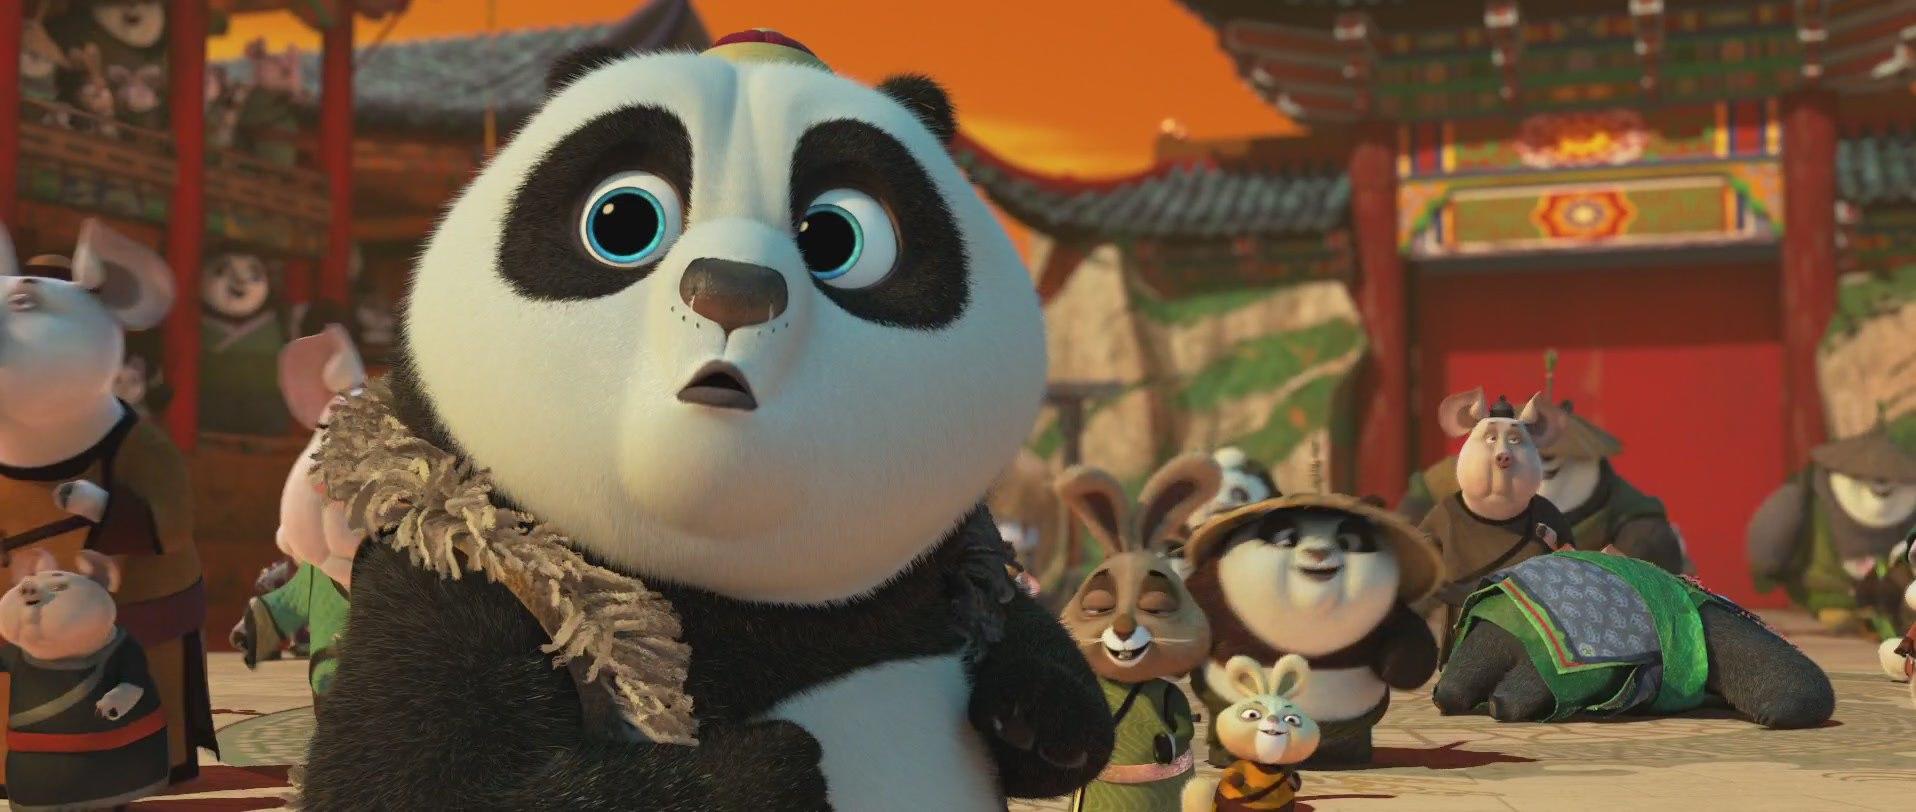 малая панда из мультика кунг-фу панда 3